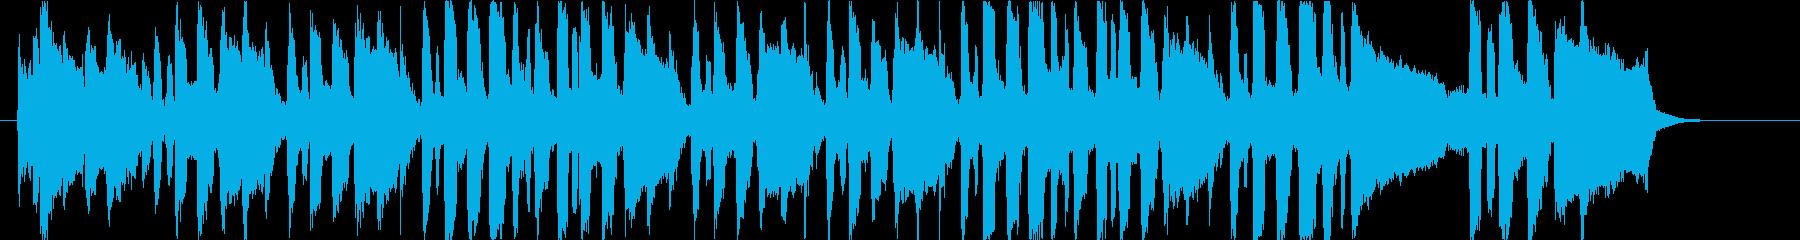 誕生日の歌(ワルツver) 【ソウスケ】の再生済みの波形